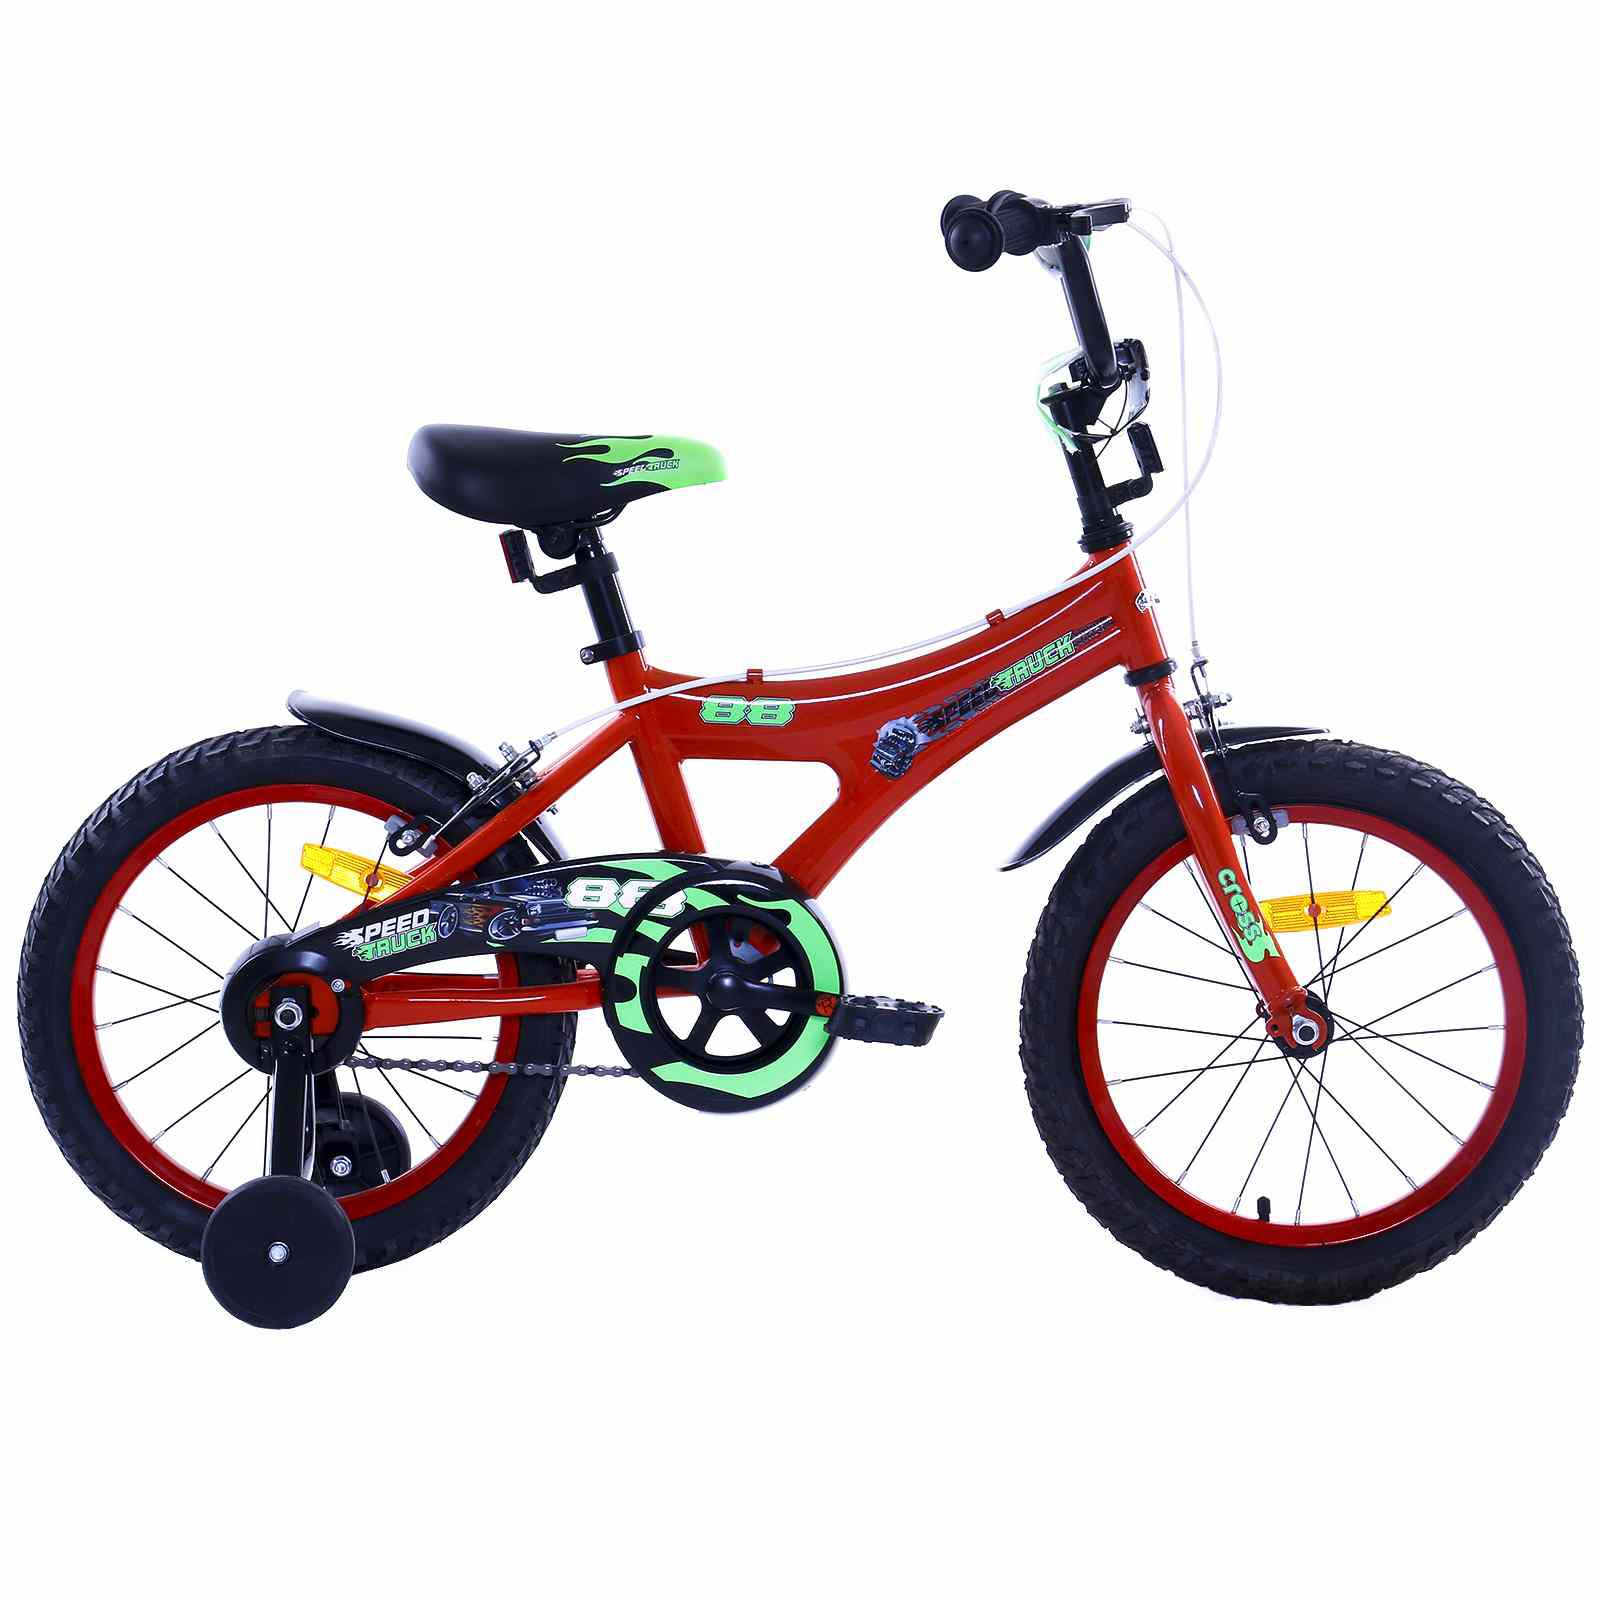 دوچرخه کوهستان کراس مدل SPEEDTRUCK سایز 16